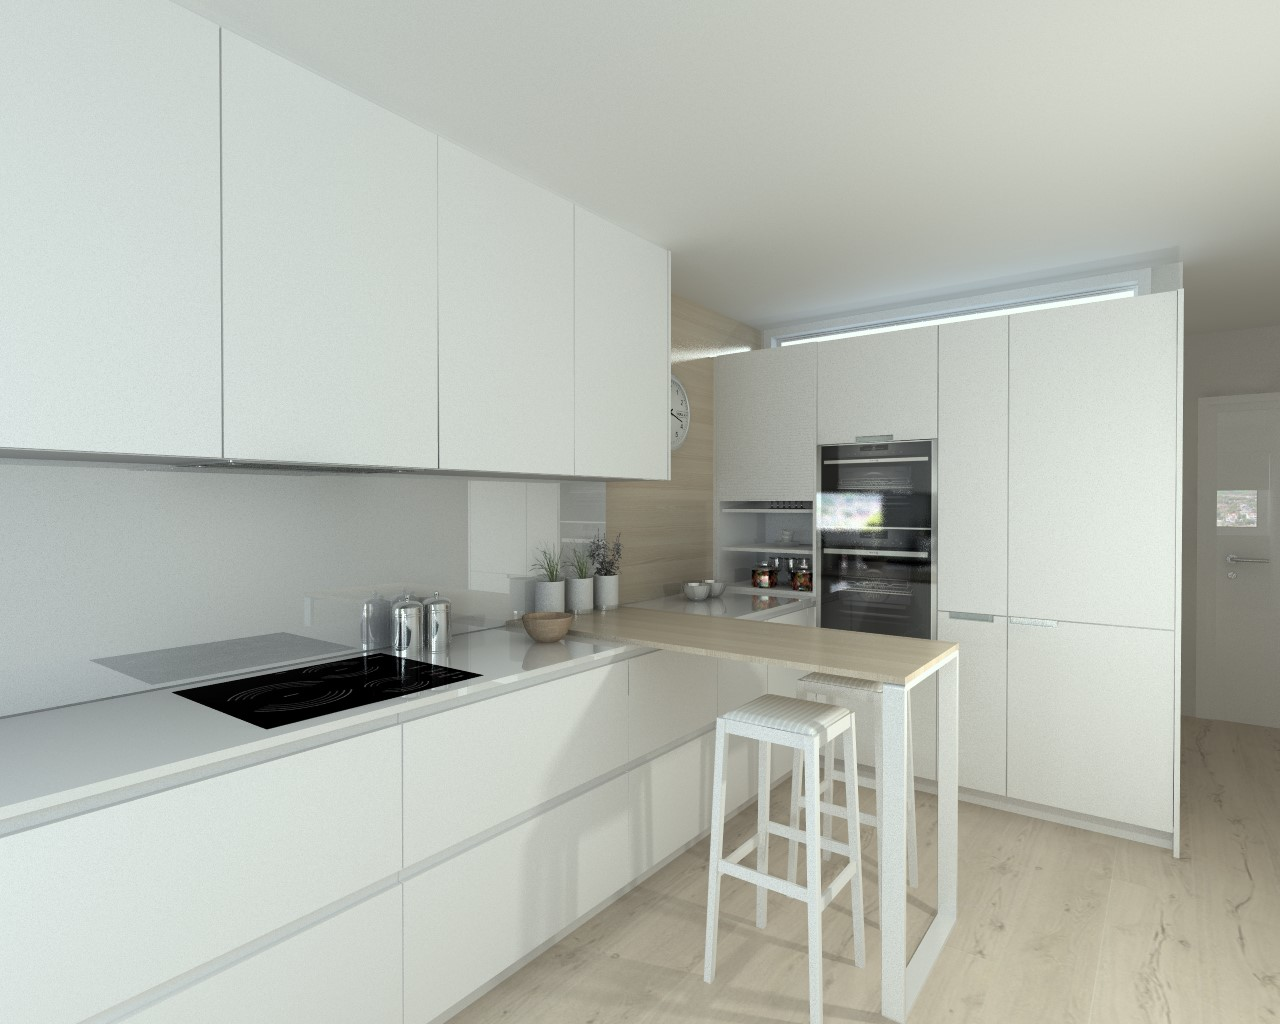 Aravaca cocina santos modelo line laminado blanco seda - Docrys cocinas ...